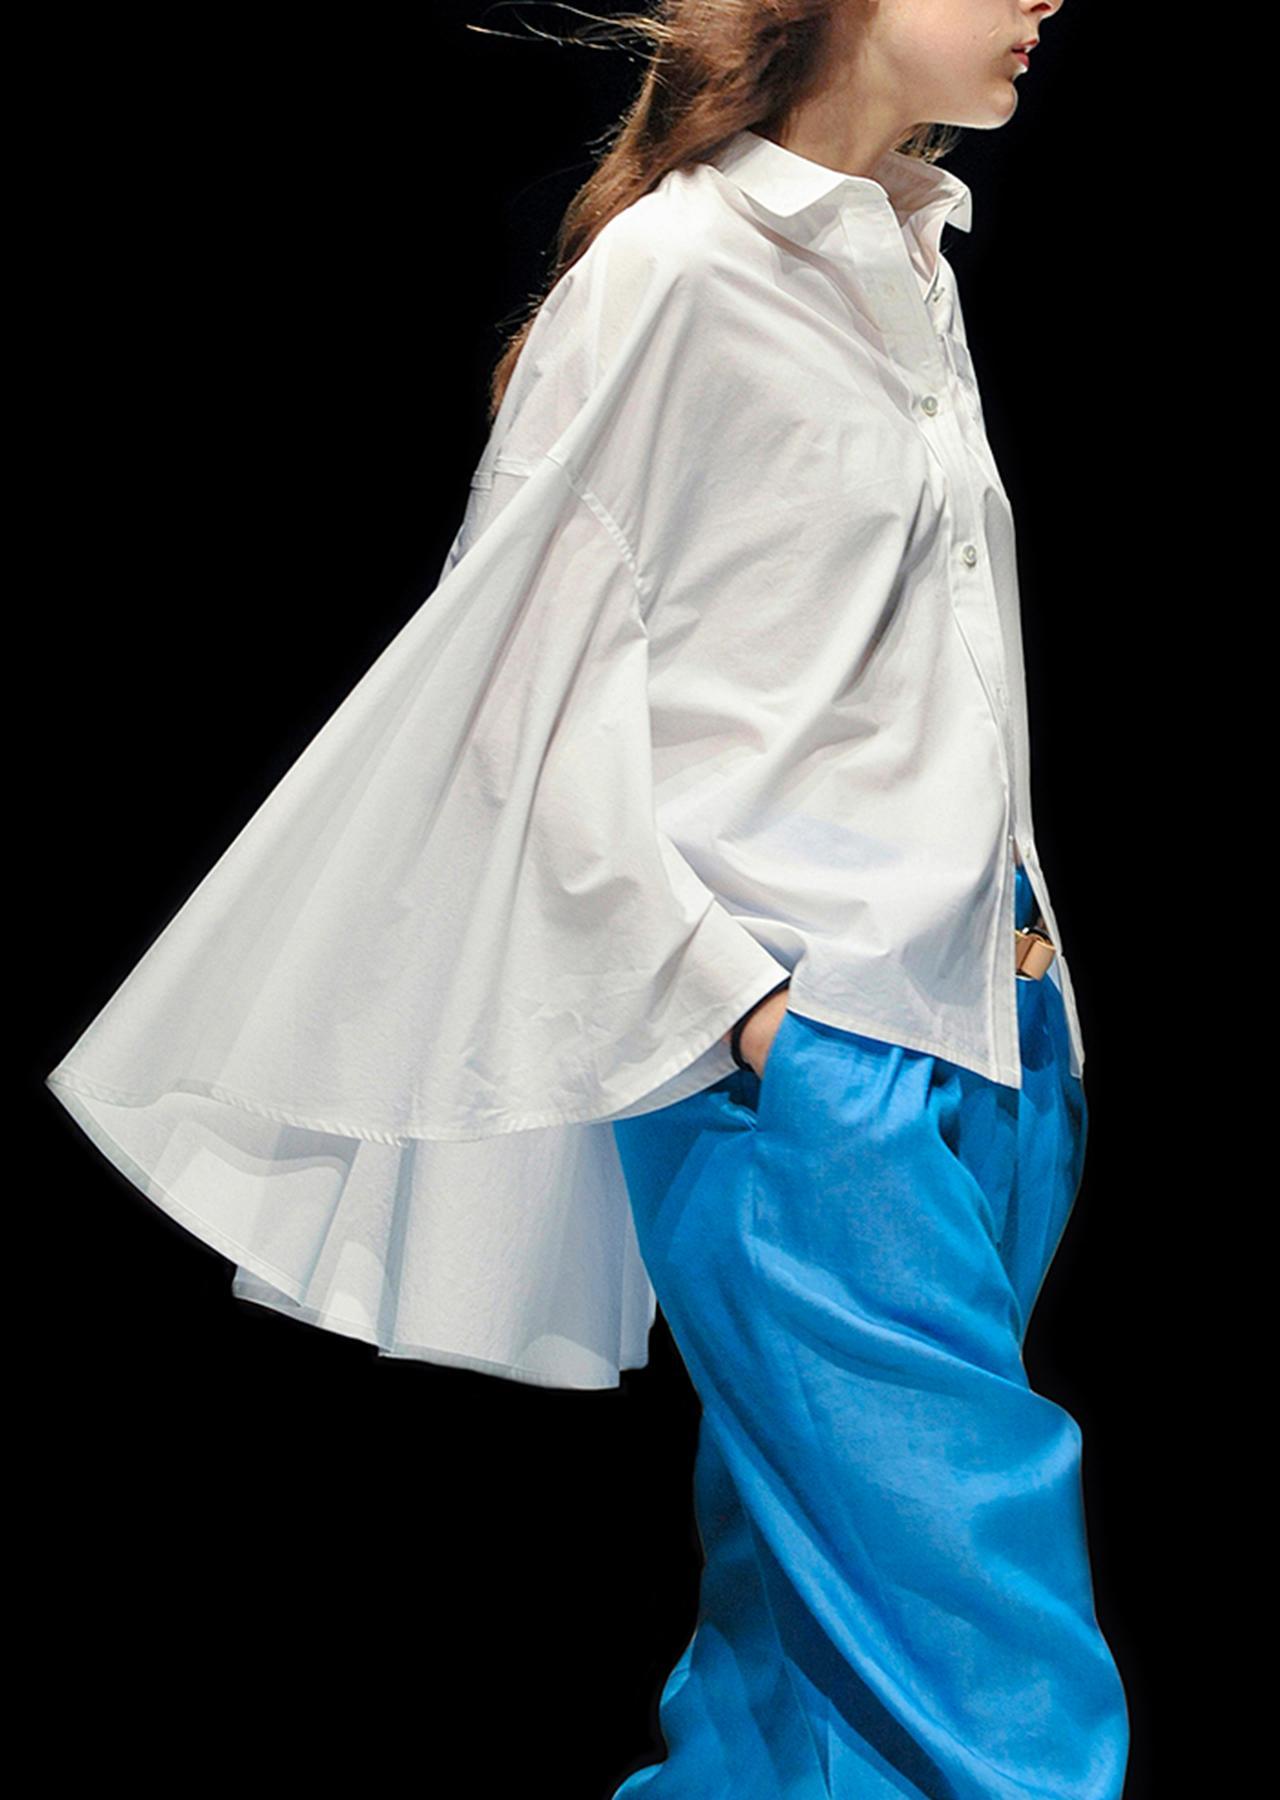 Images : 1番目の画像 - 「いい服に、ありがとう。 「サポートサーフェス」の服が 着心地よく美しい理由」のアルバム - T JAPAN:The New York Times Style Magazine 公式サイト